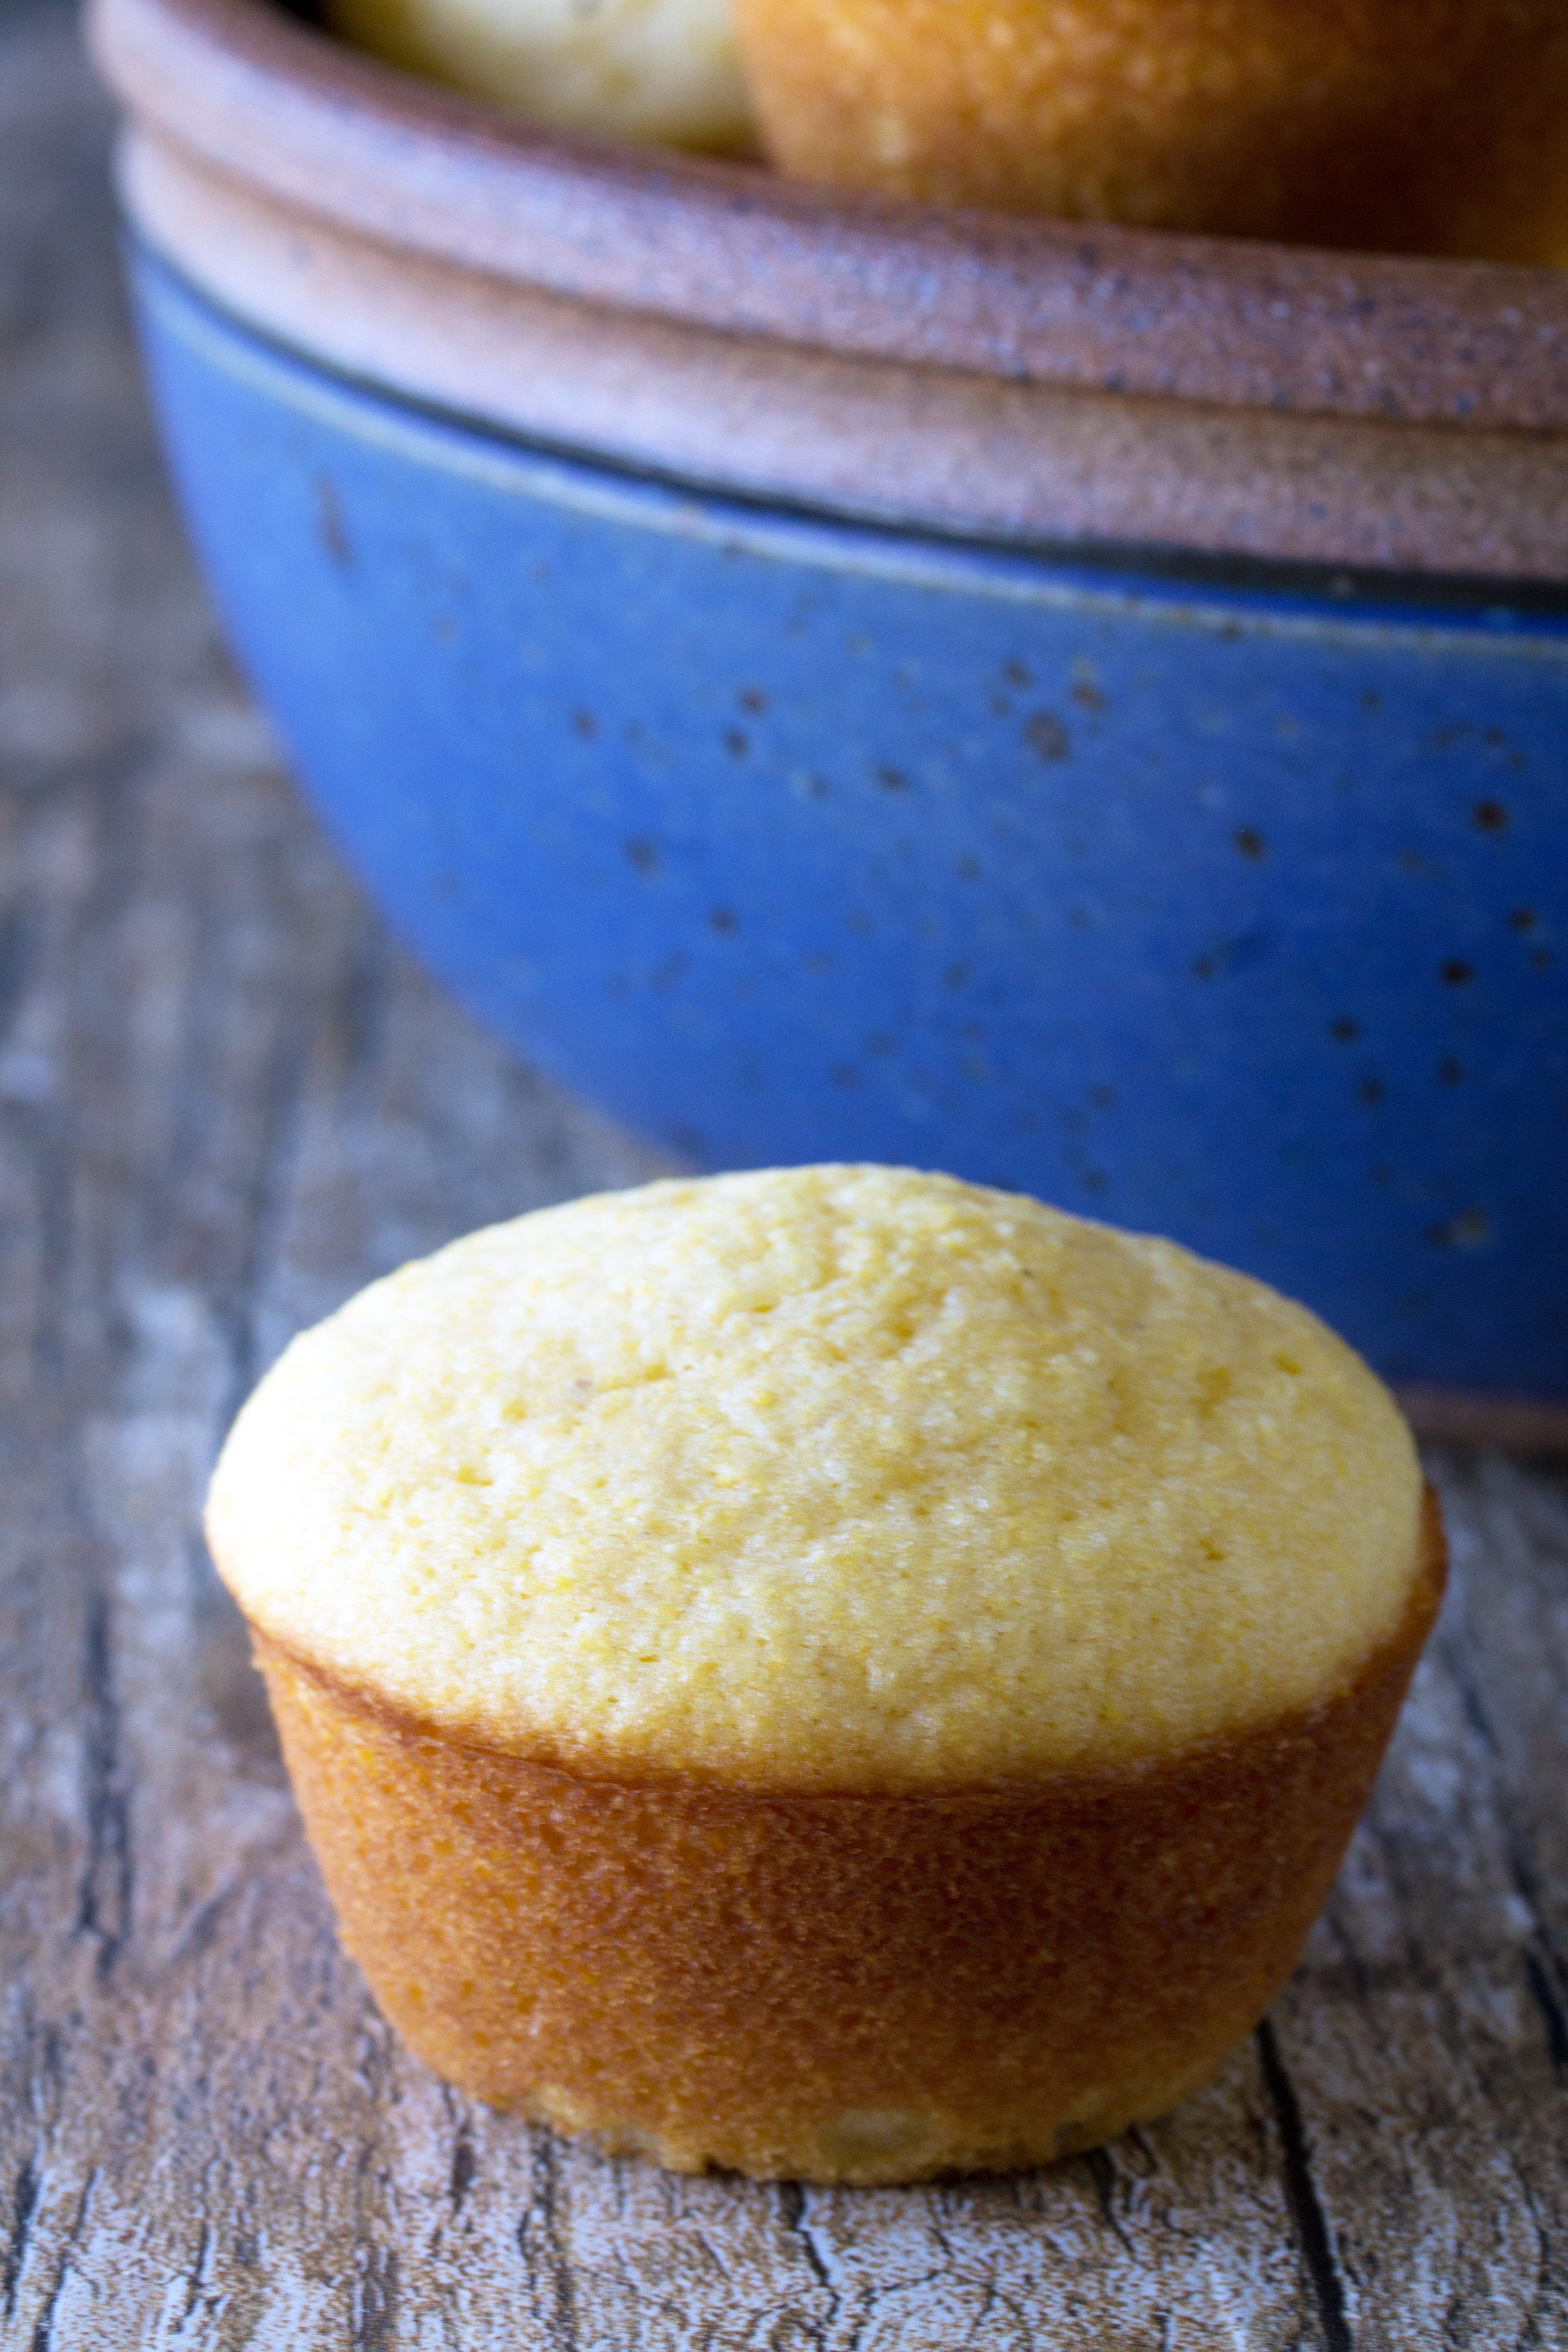 Easy Buttermilk Cornbread Muffins Recipe Buttermilk Cornbread Muffins Cornbread Easy Chocolate Chip Muffin Recipe